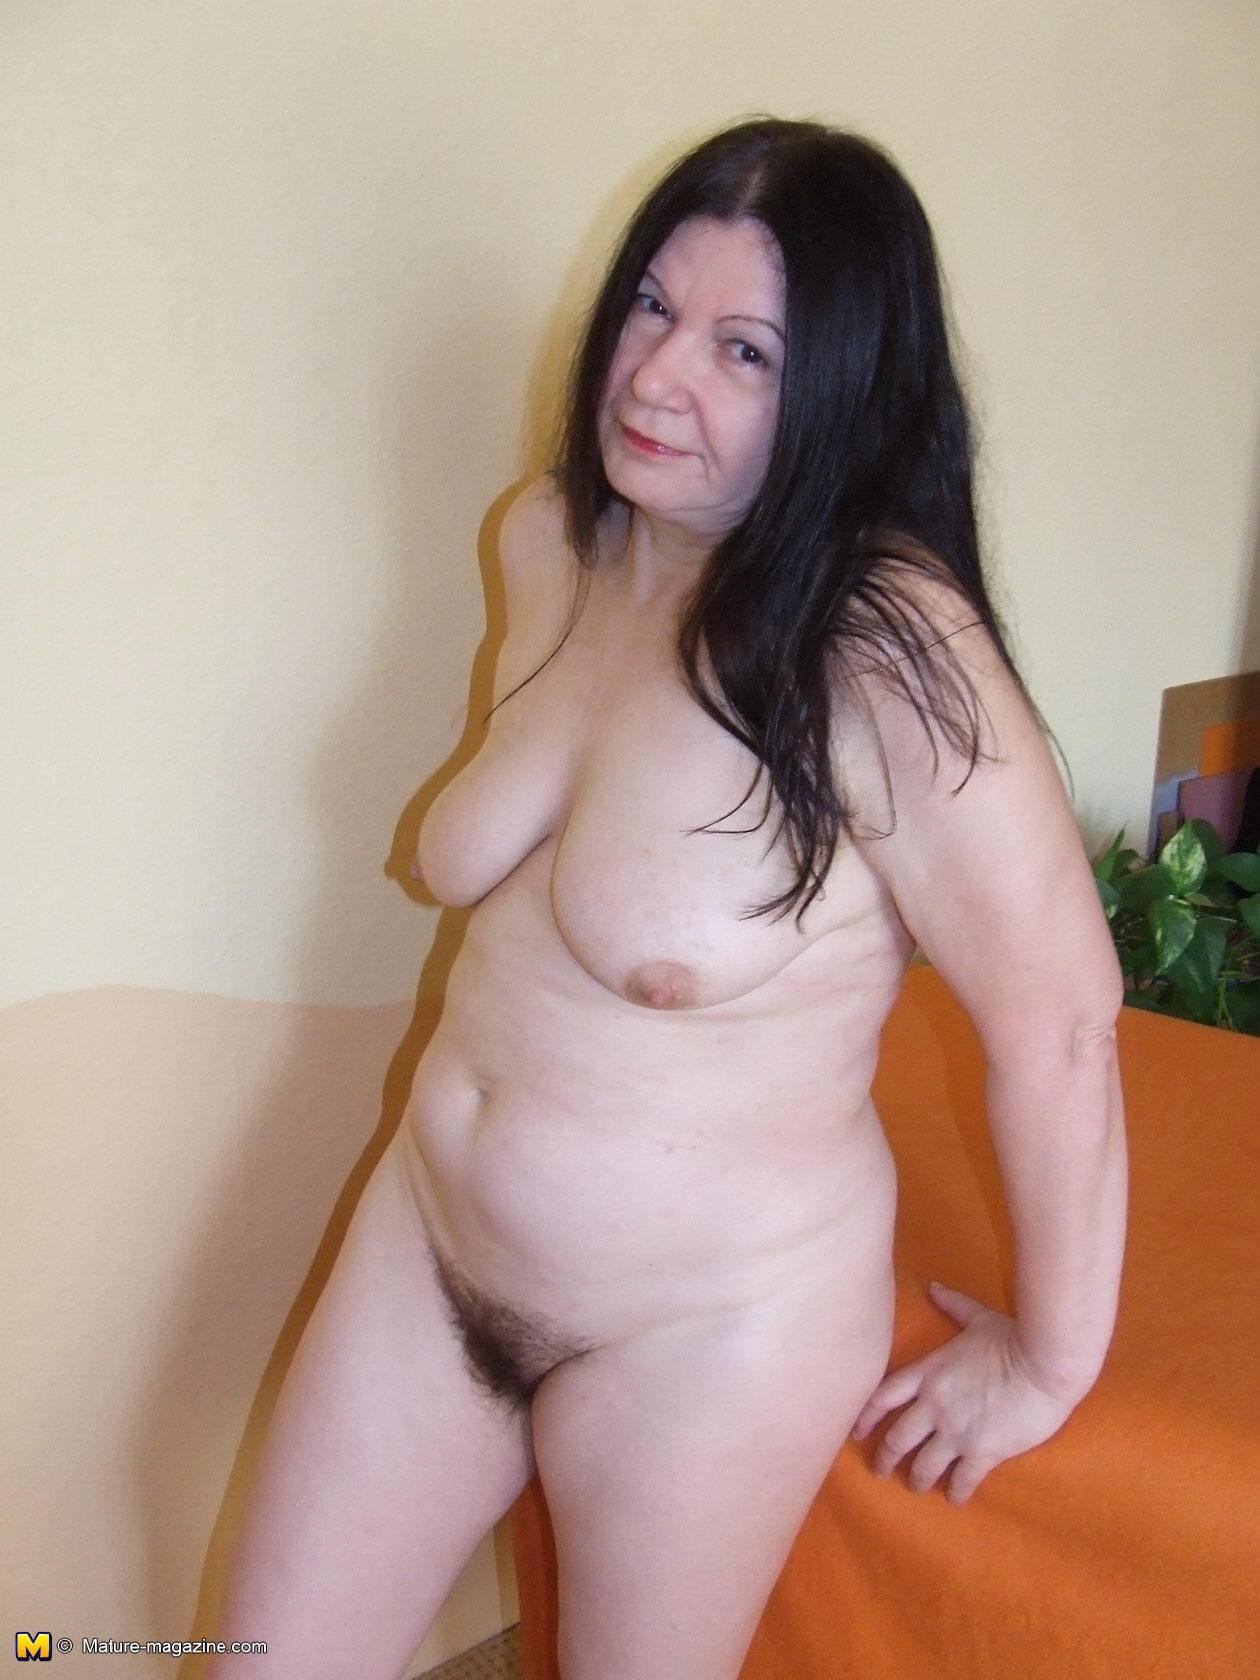 Nackte Dunkelhaarige Frauen